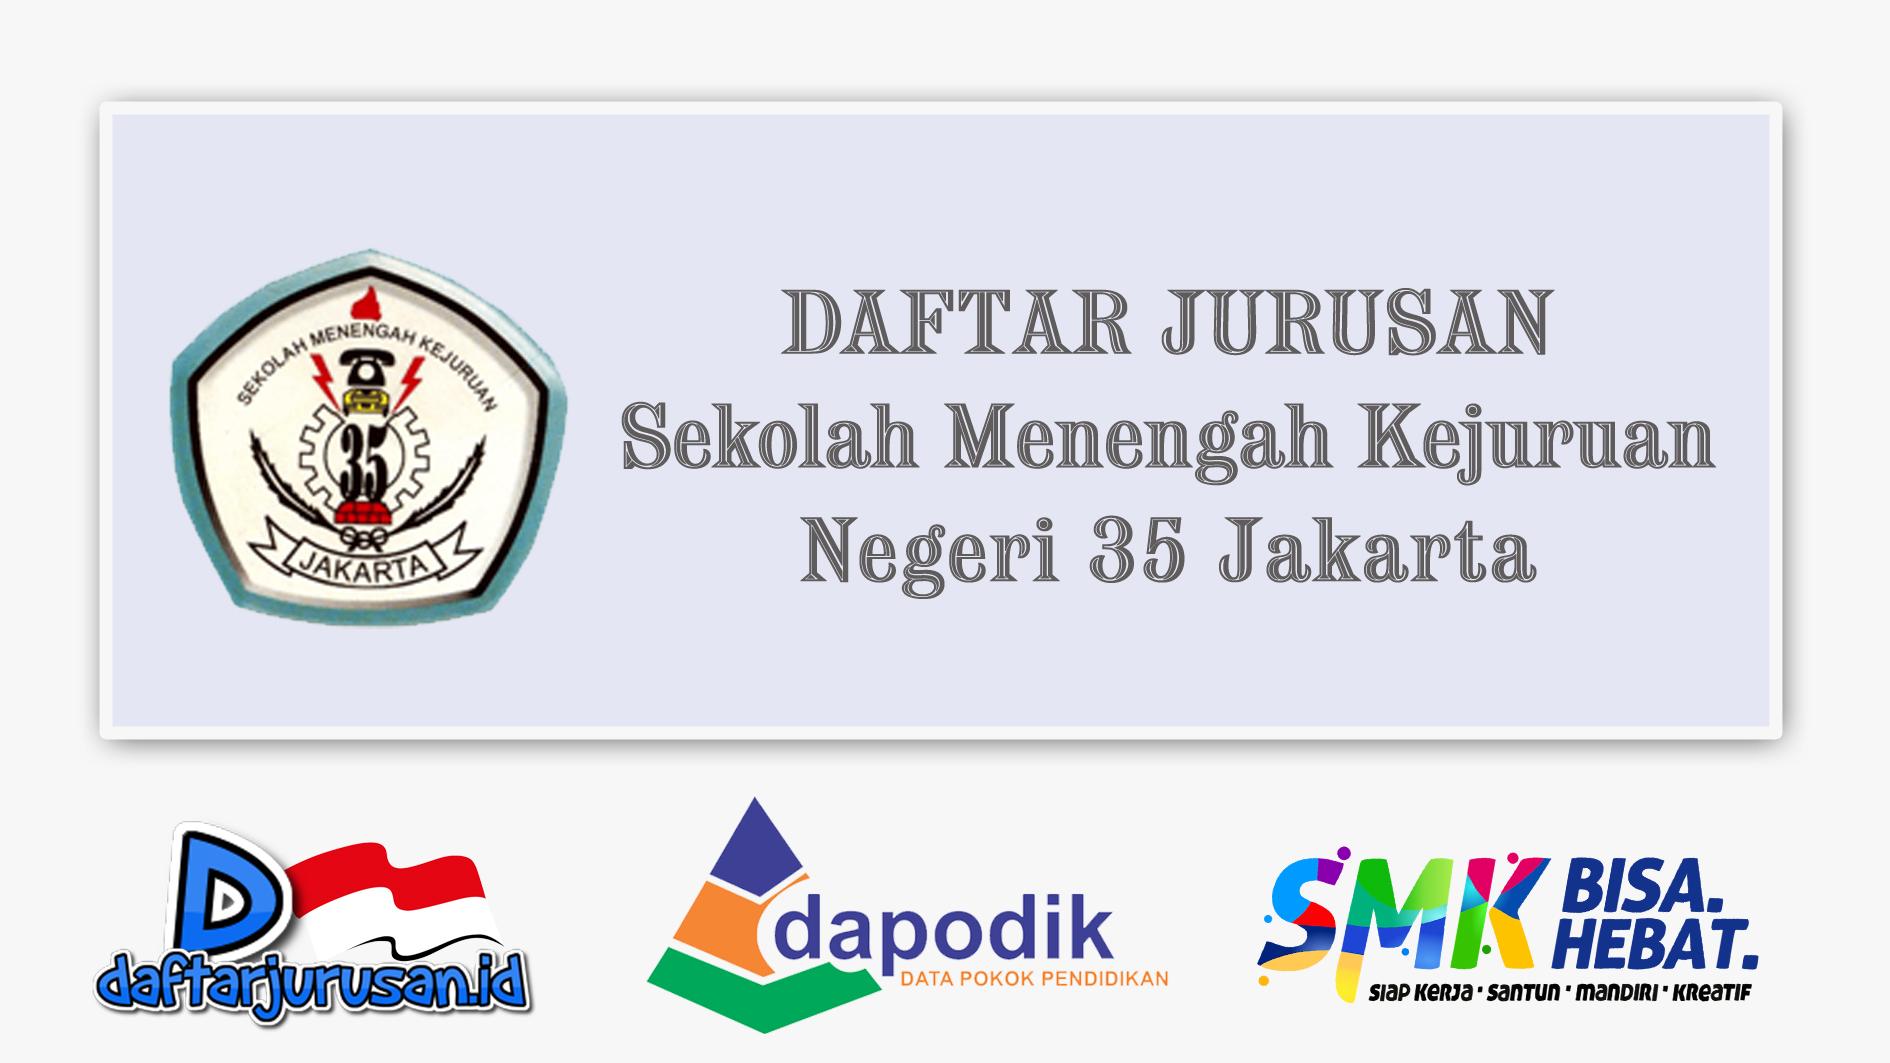 Daftar Jurusan SMK Negeri 35 Jakarta Barat